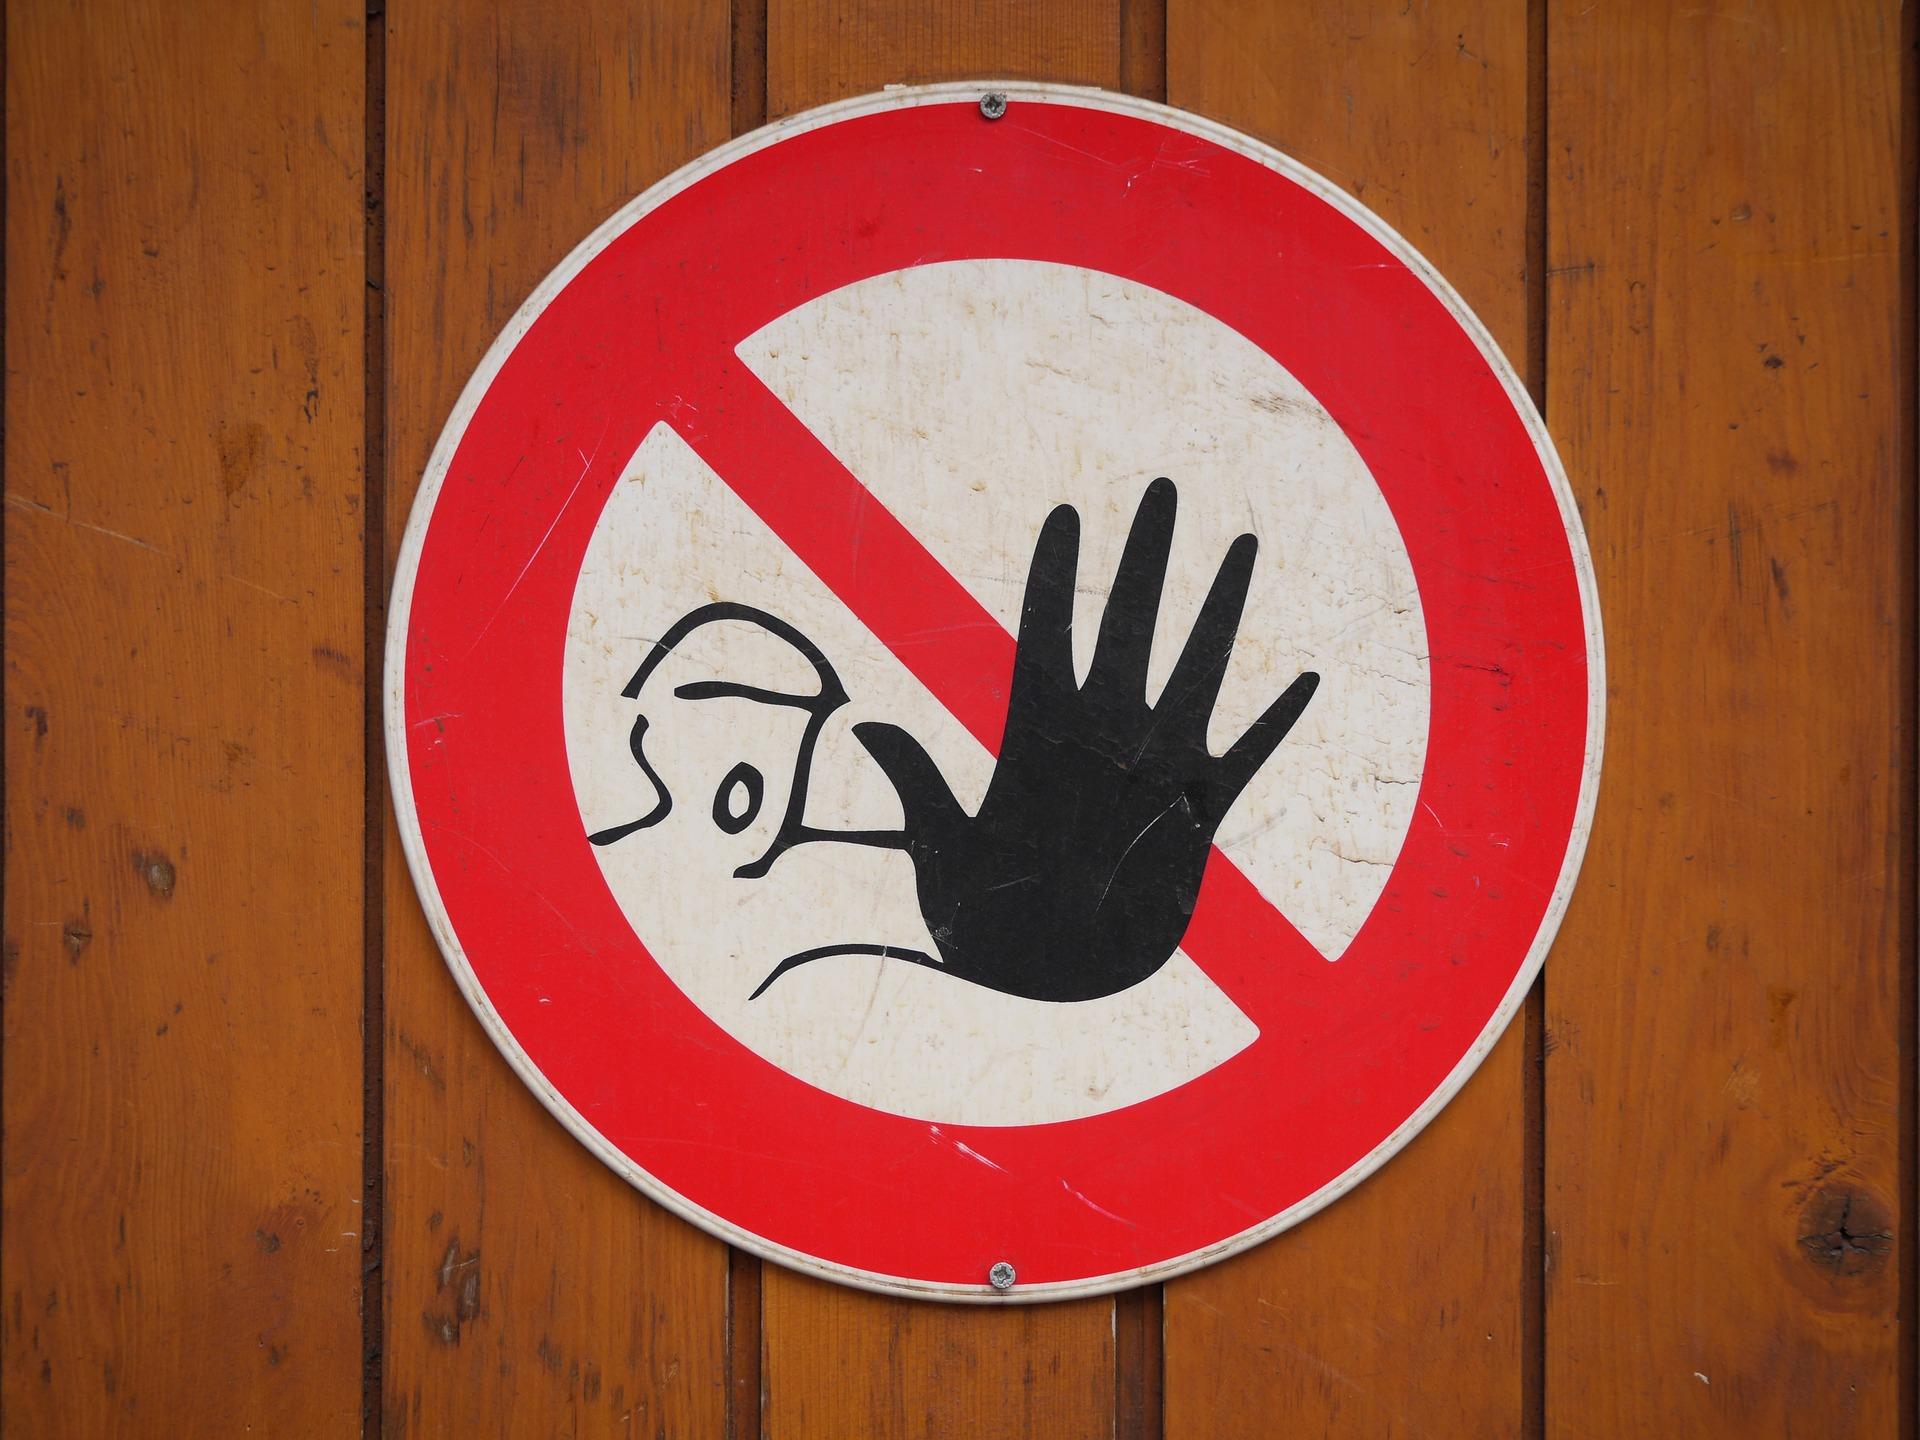 Bezpečnostné značky atabuľky majú svoje pravidlá. Overte si, čiich vo firme dodržujete